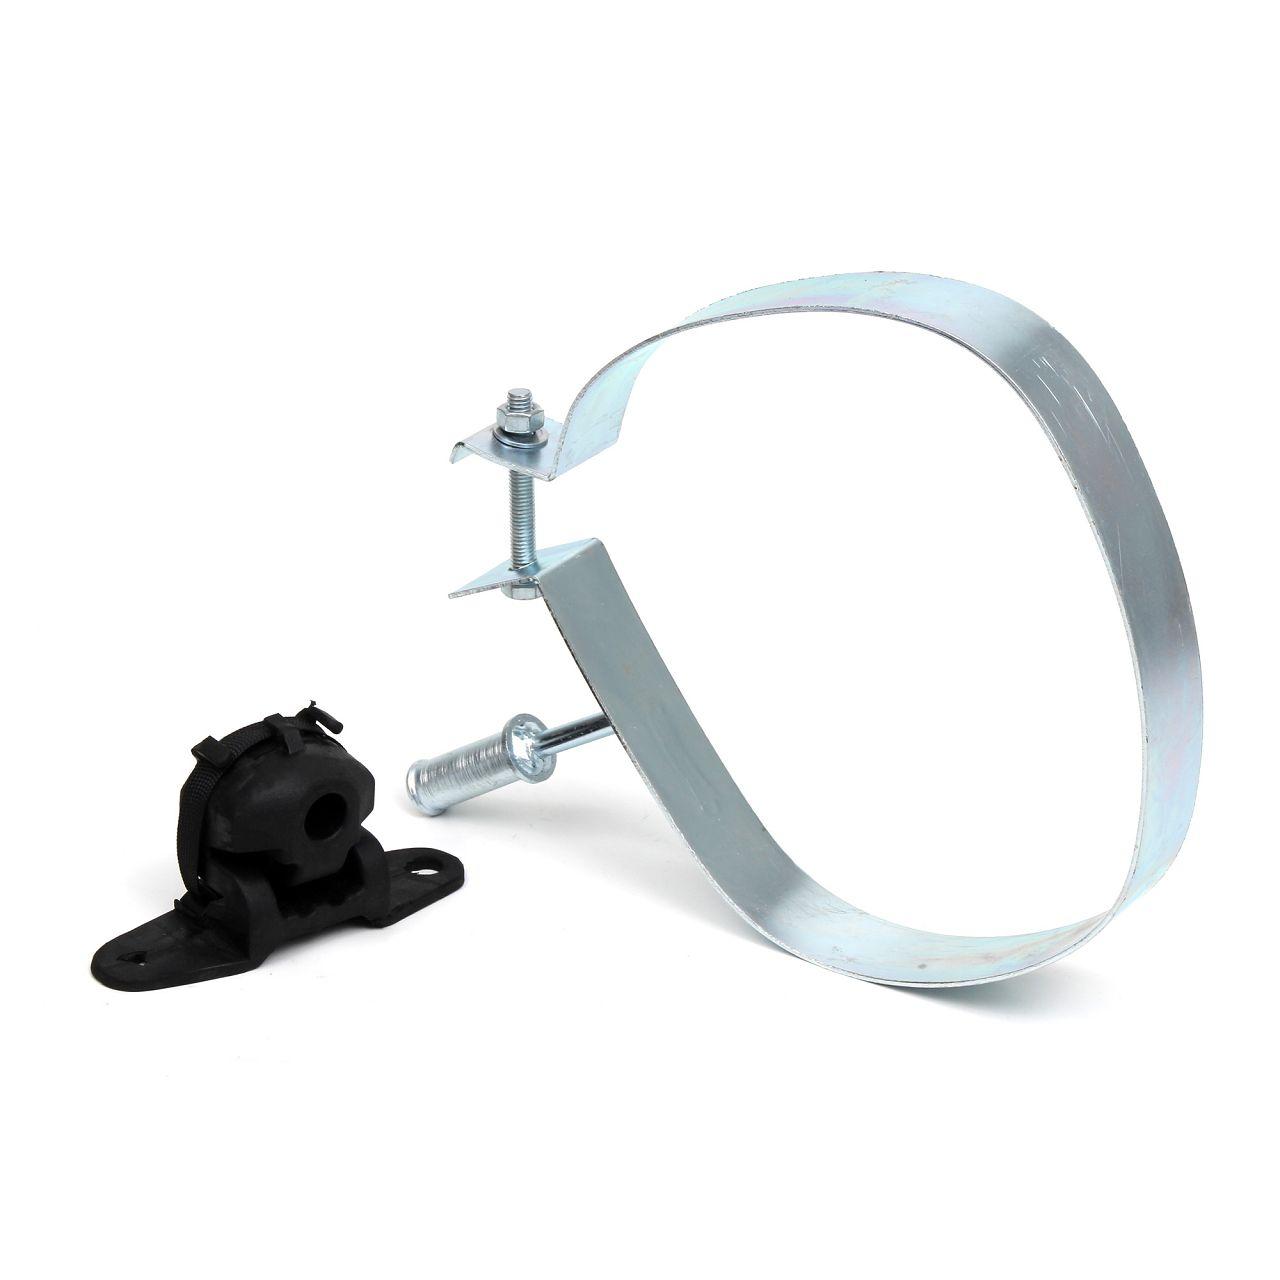 Montagesatz Auspuff Endtopf Topfhalter Schalldämpferhalter für C3 Picasso / 207